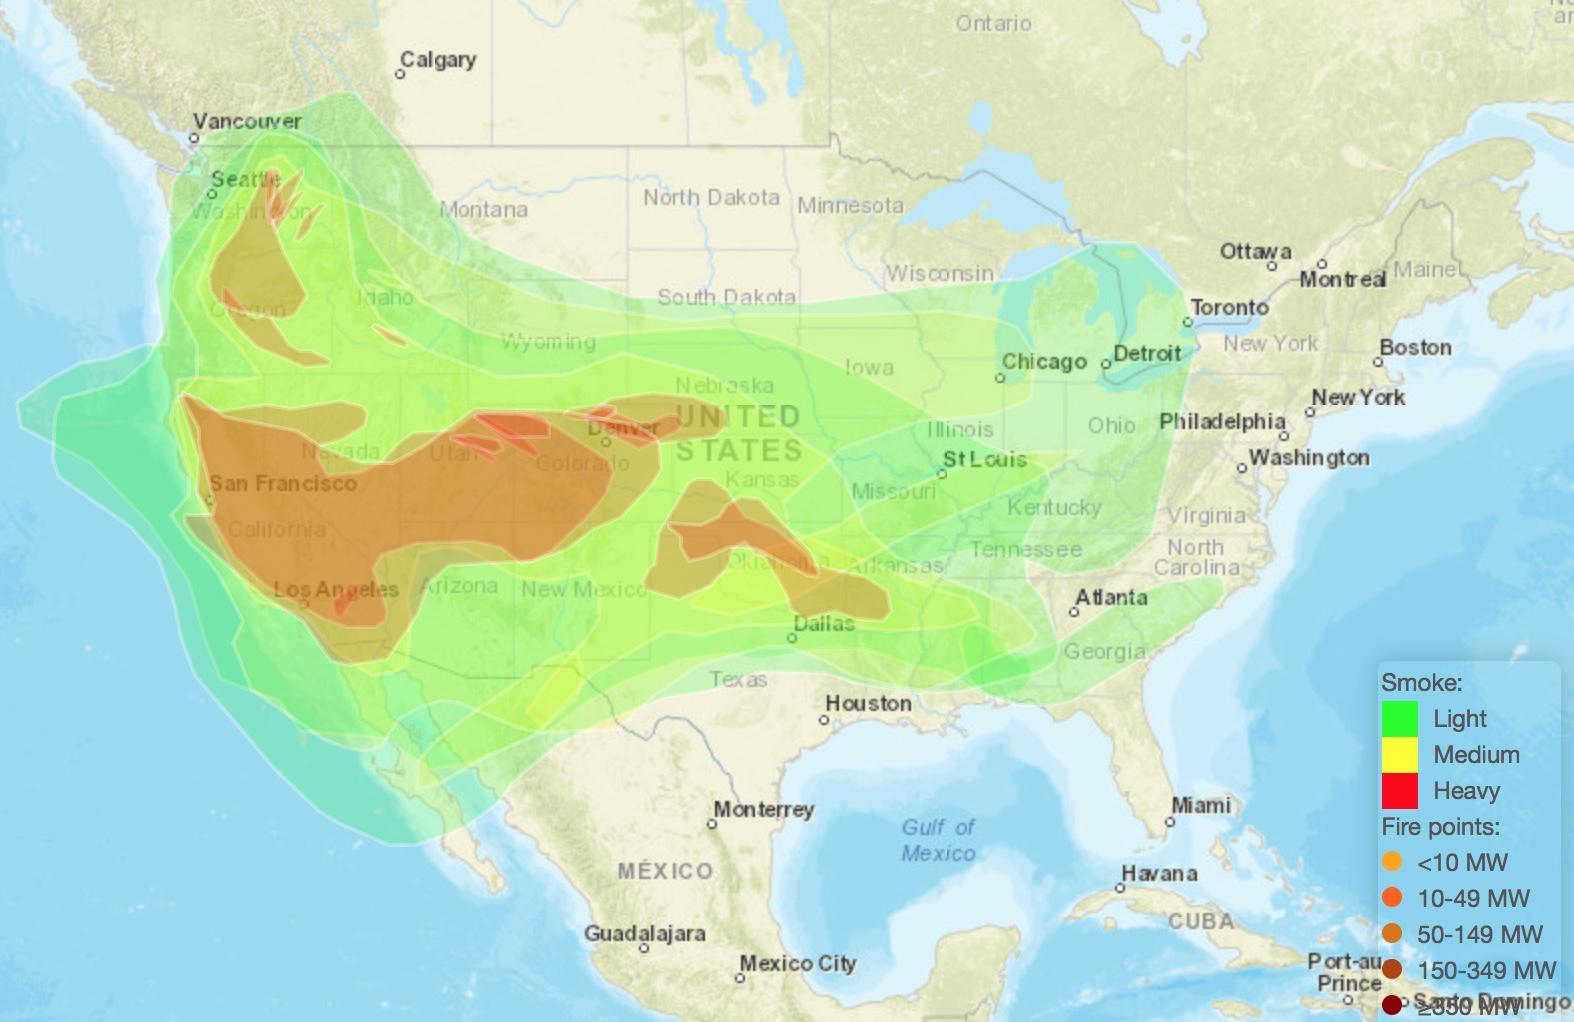 Smoke Forecast